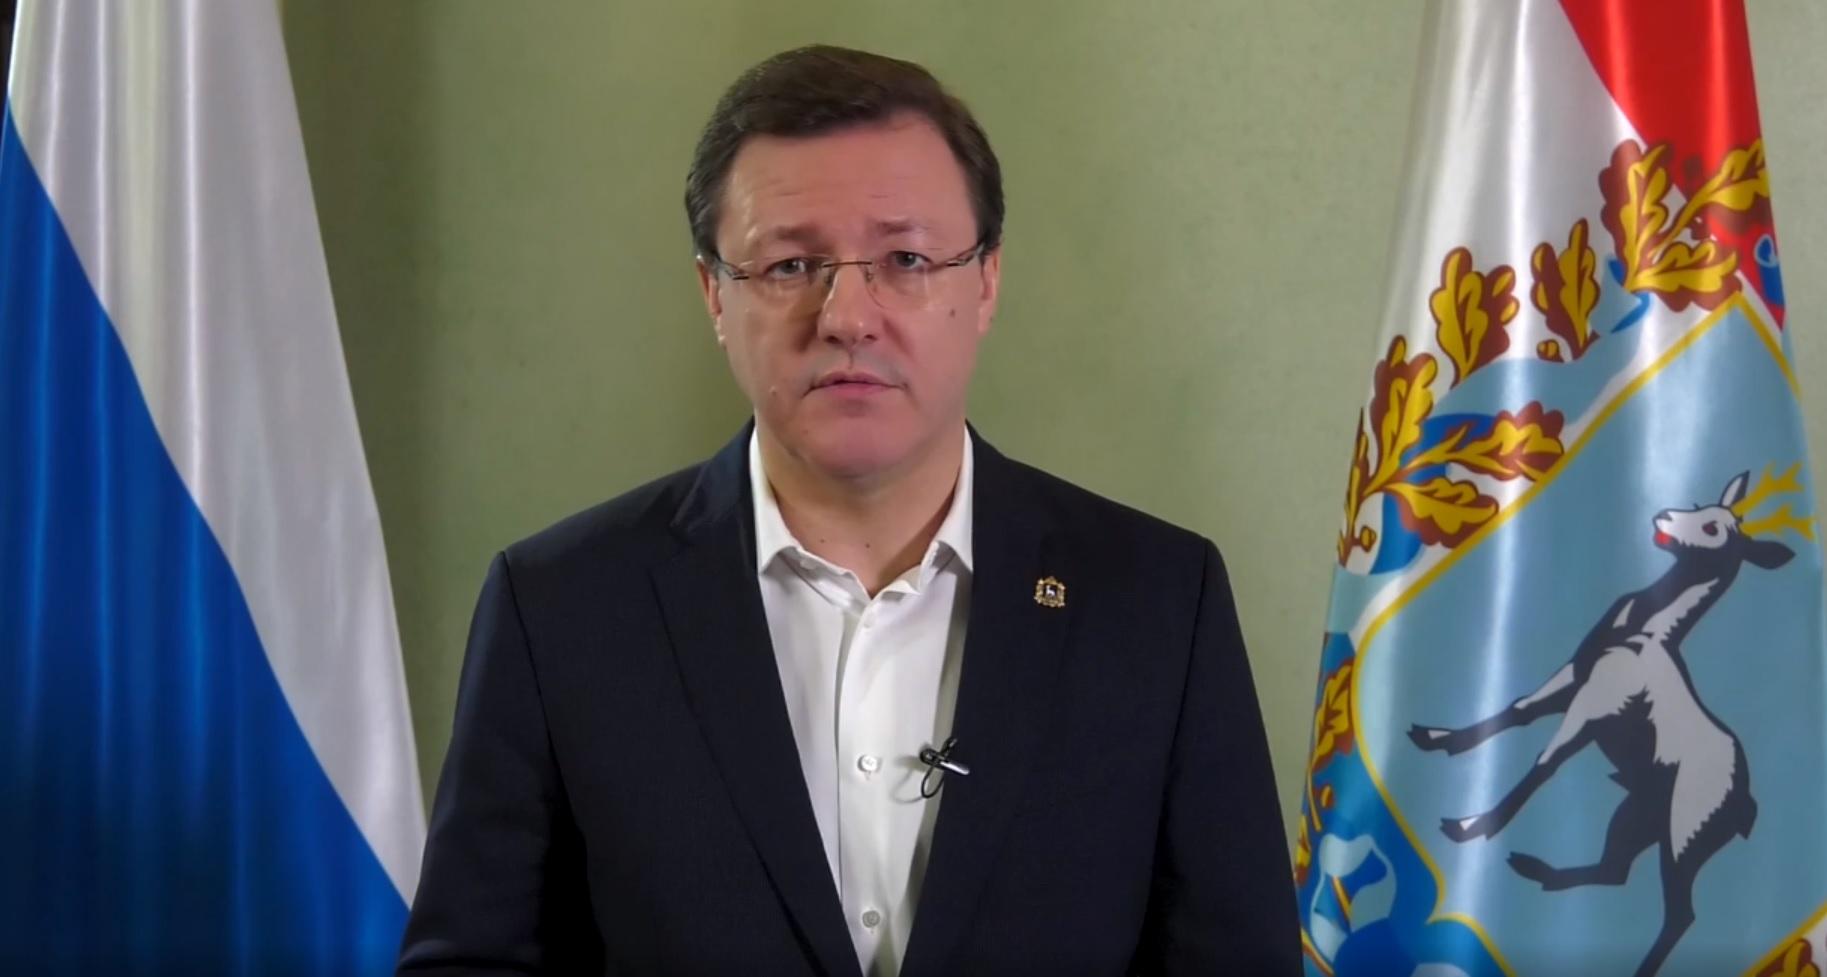 Азаров: «Пока показатели не позволяют нам приступить к снятию ограничений»